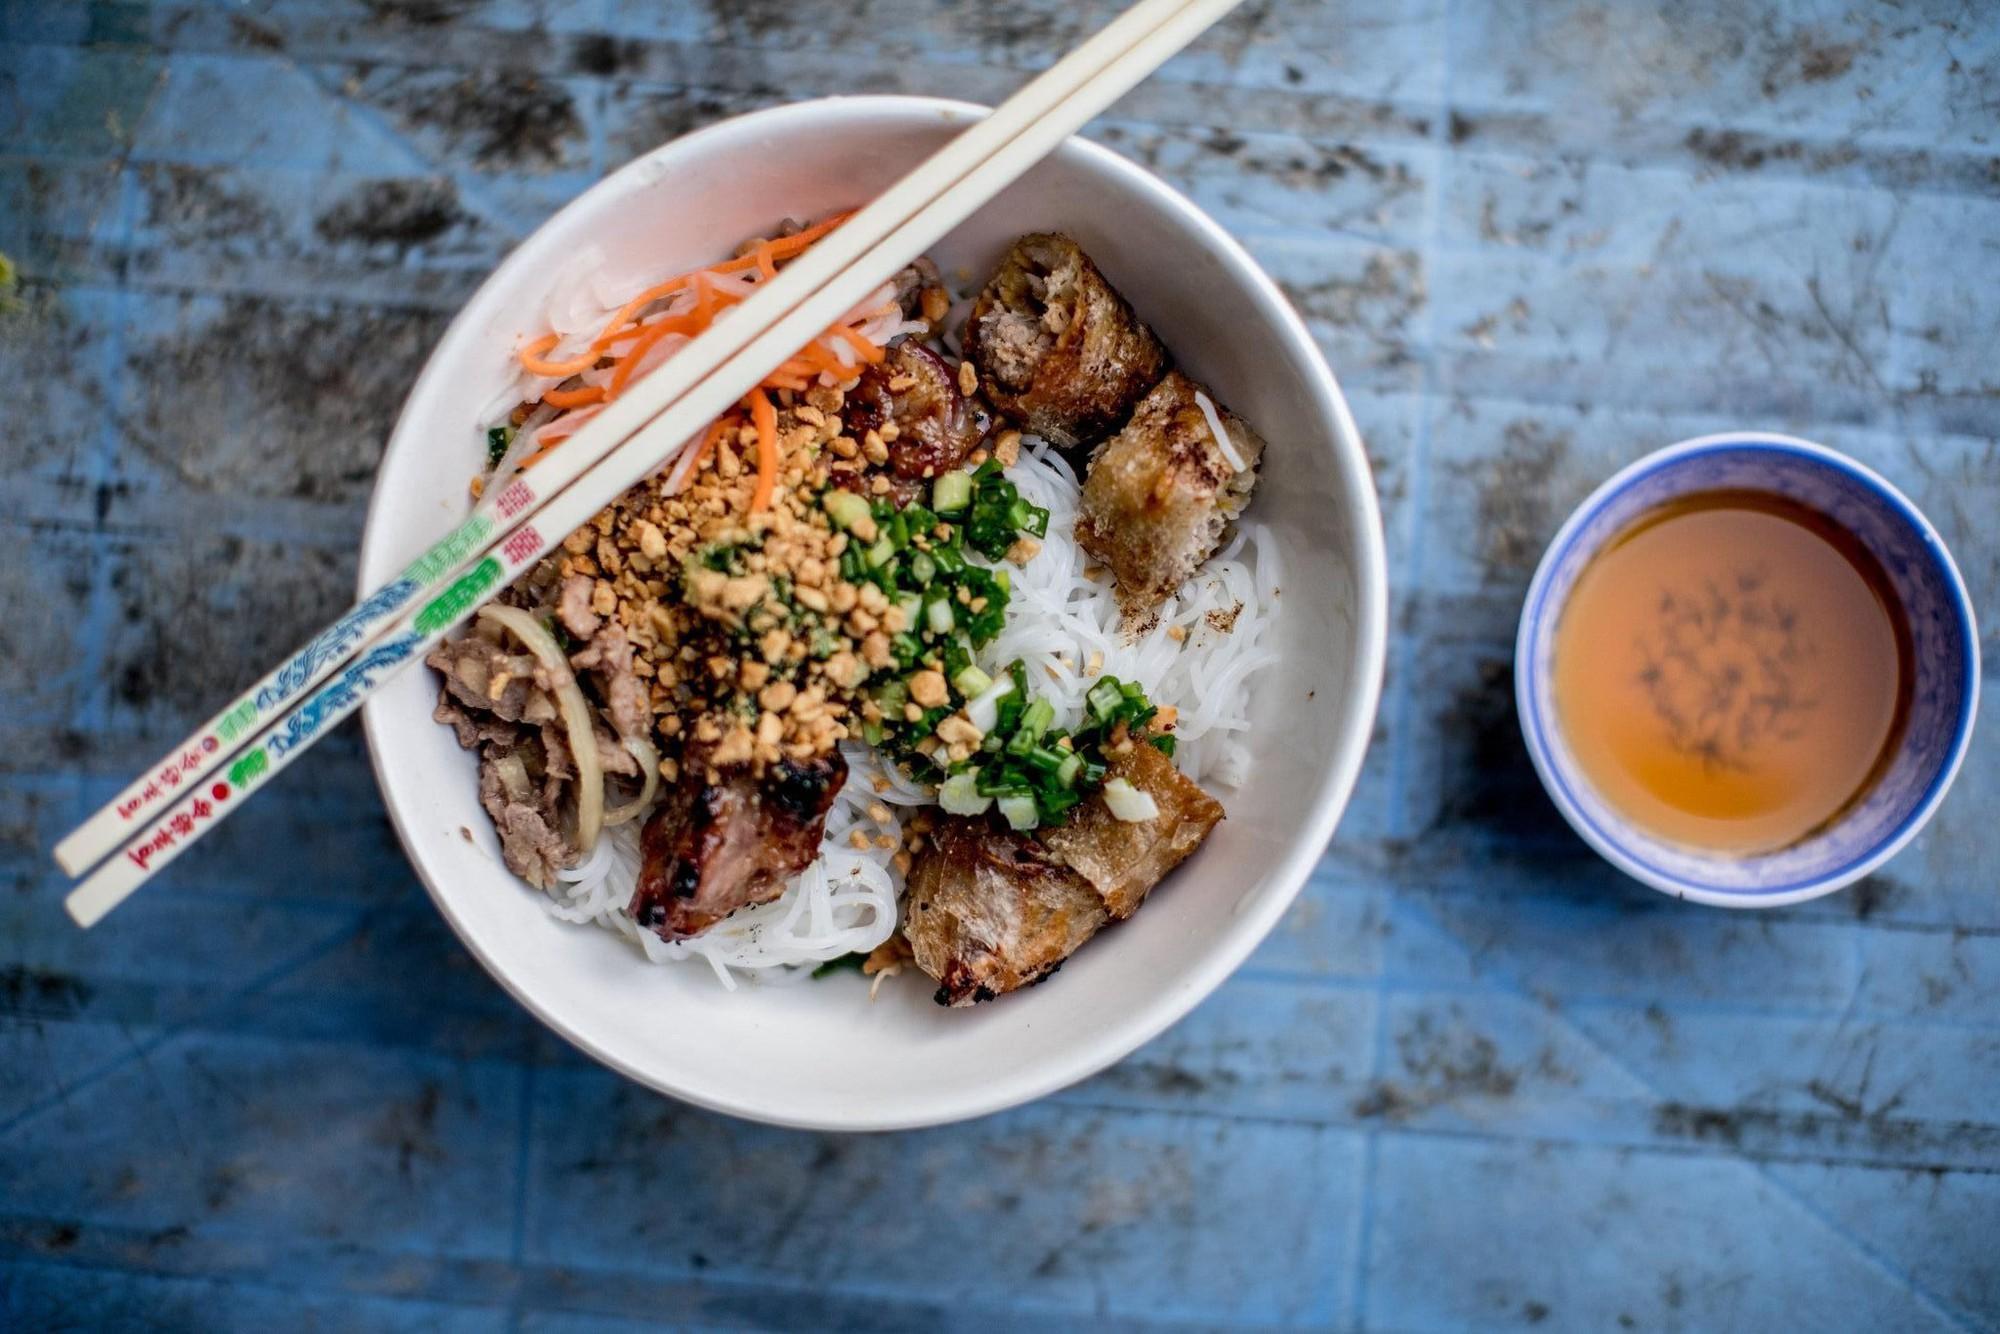 Quán bún thịt nướng có thâm niên trên 20 năm ở Sài Gòn